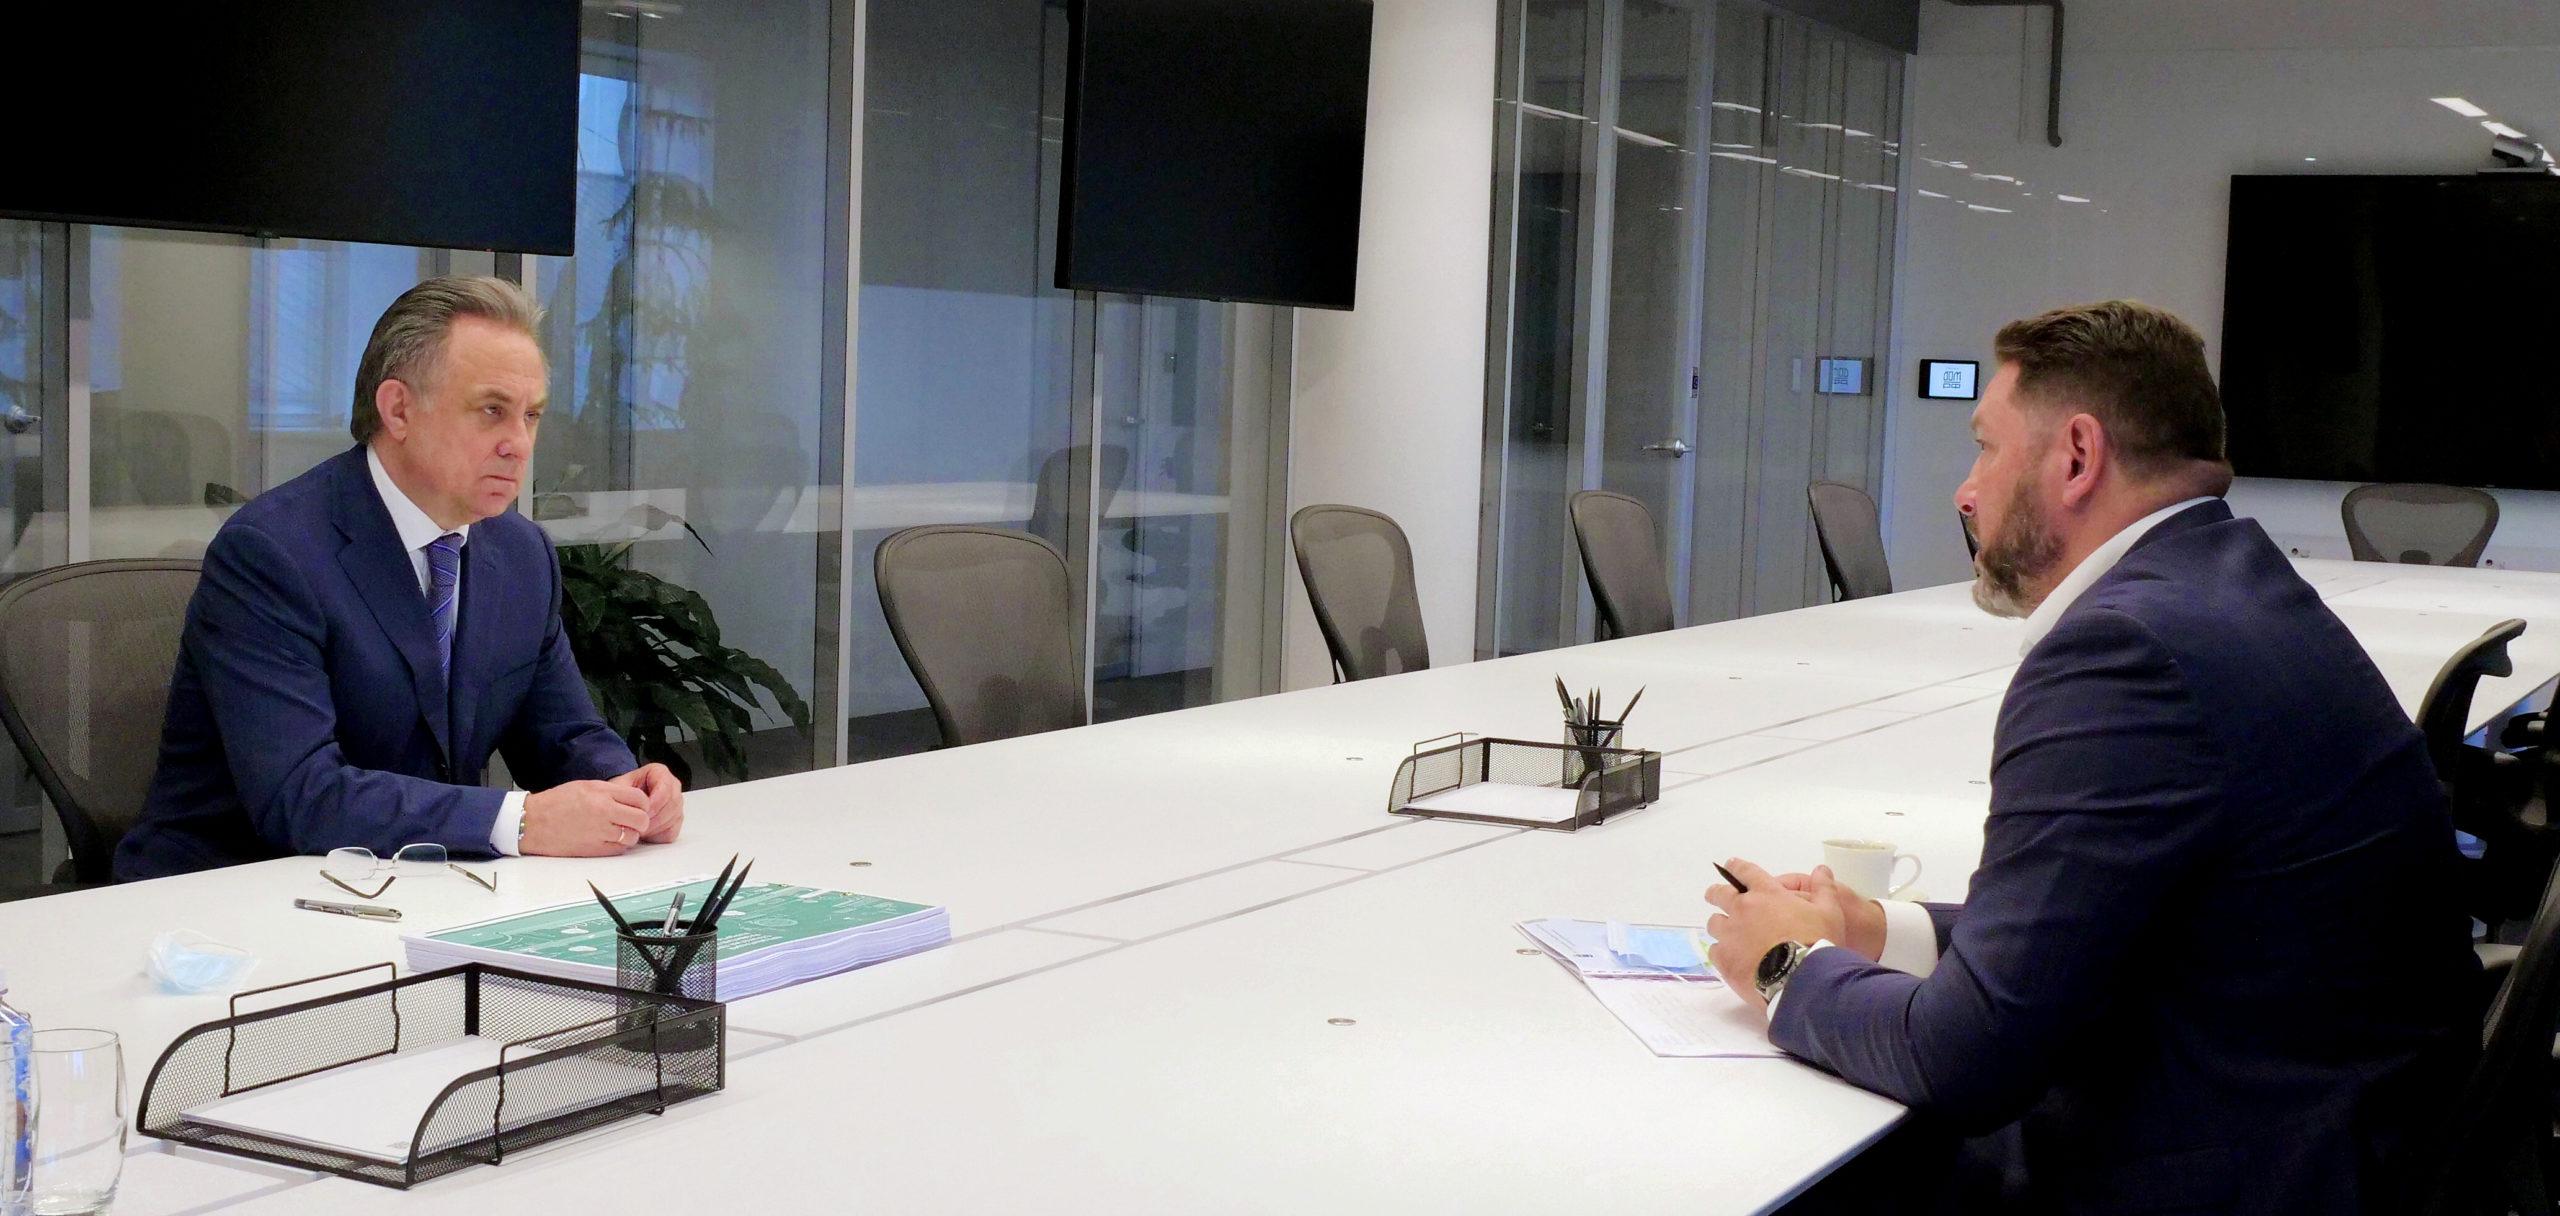 Мастер-план развития Кисловодска обсудят с общественностью